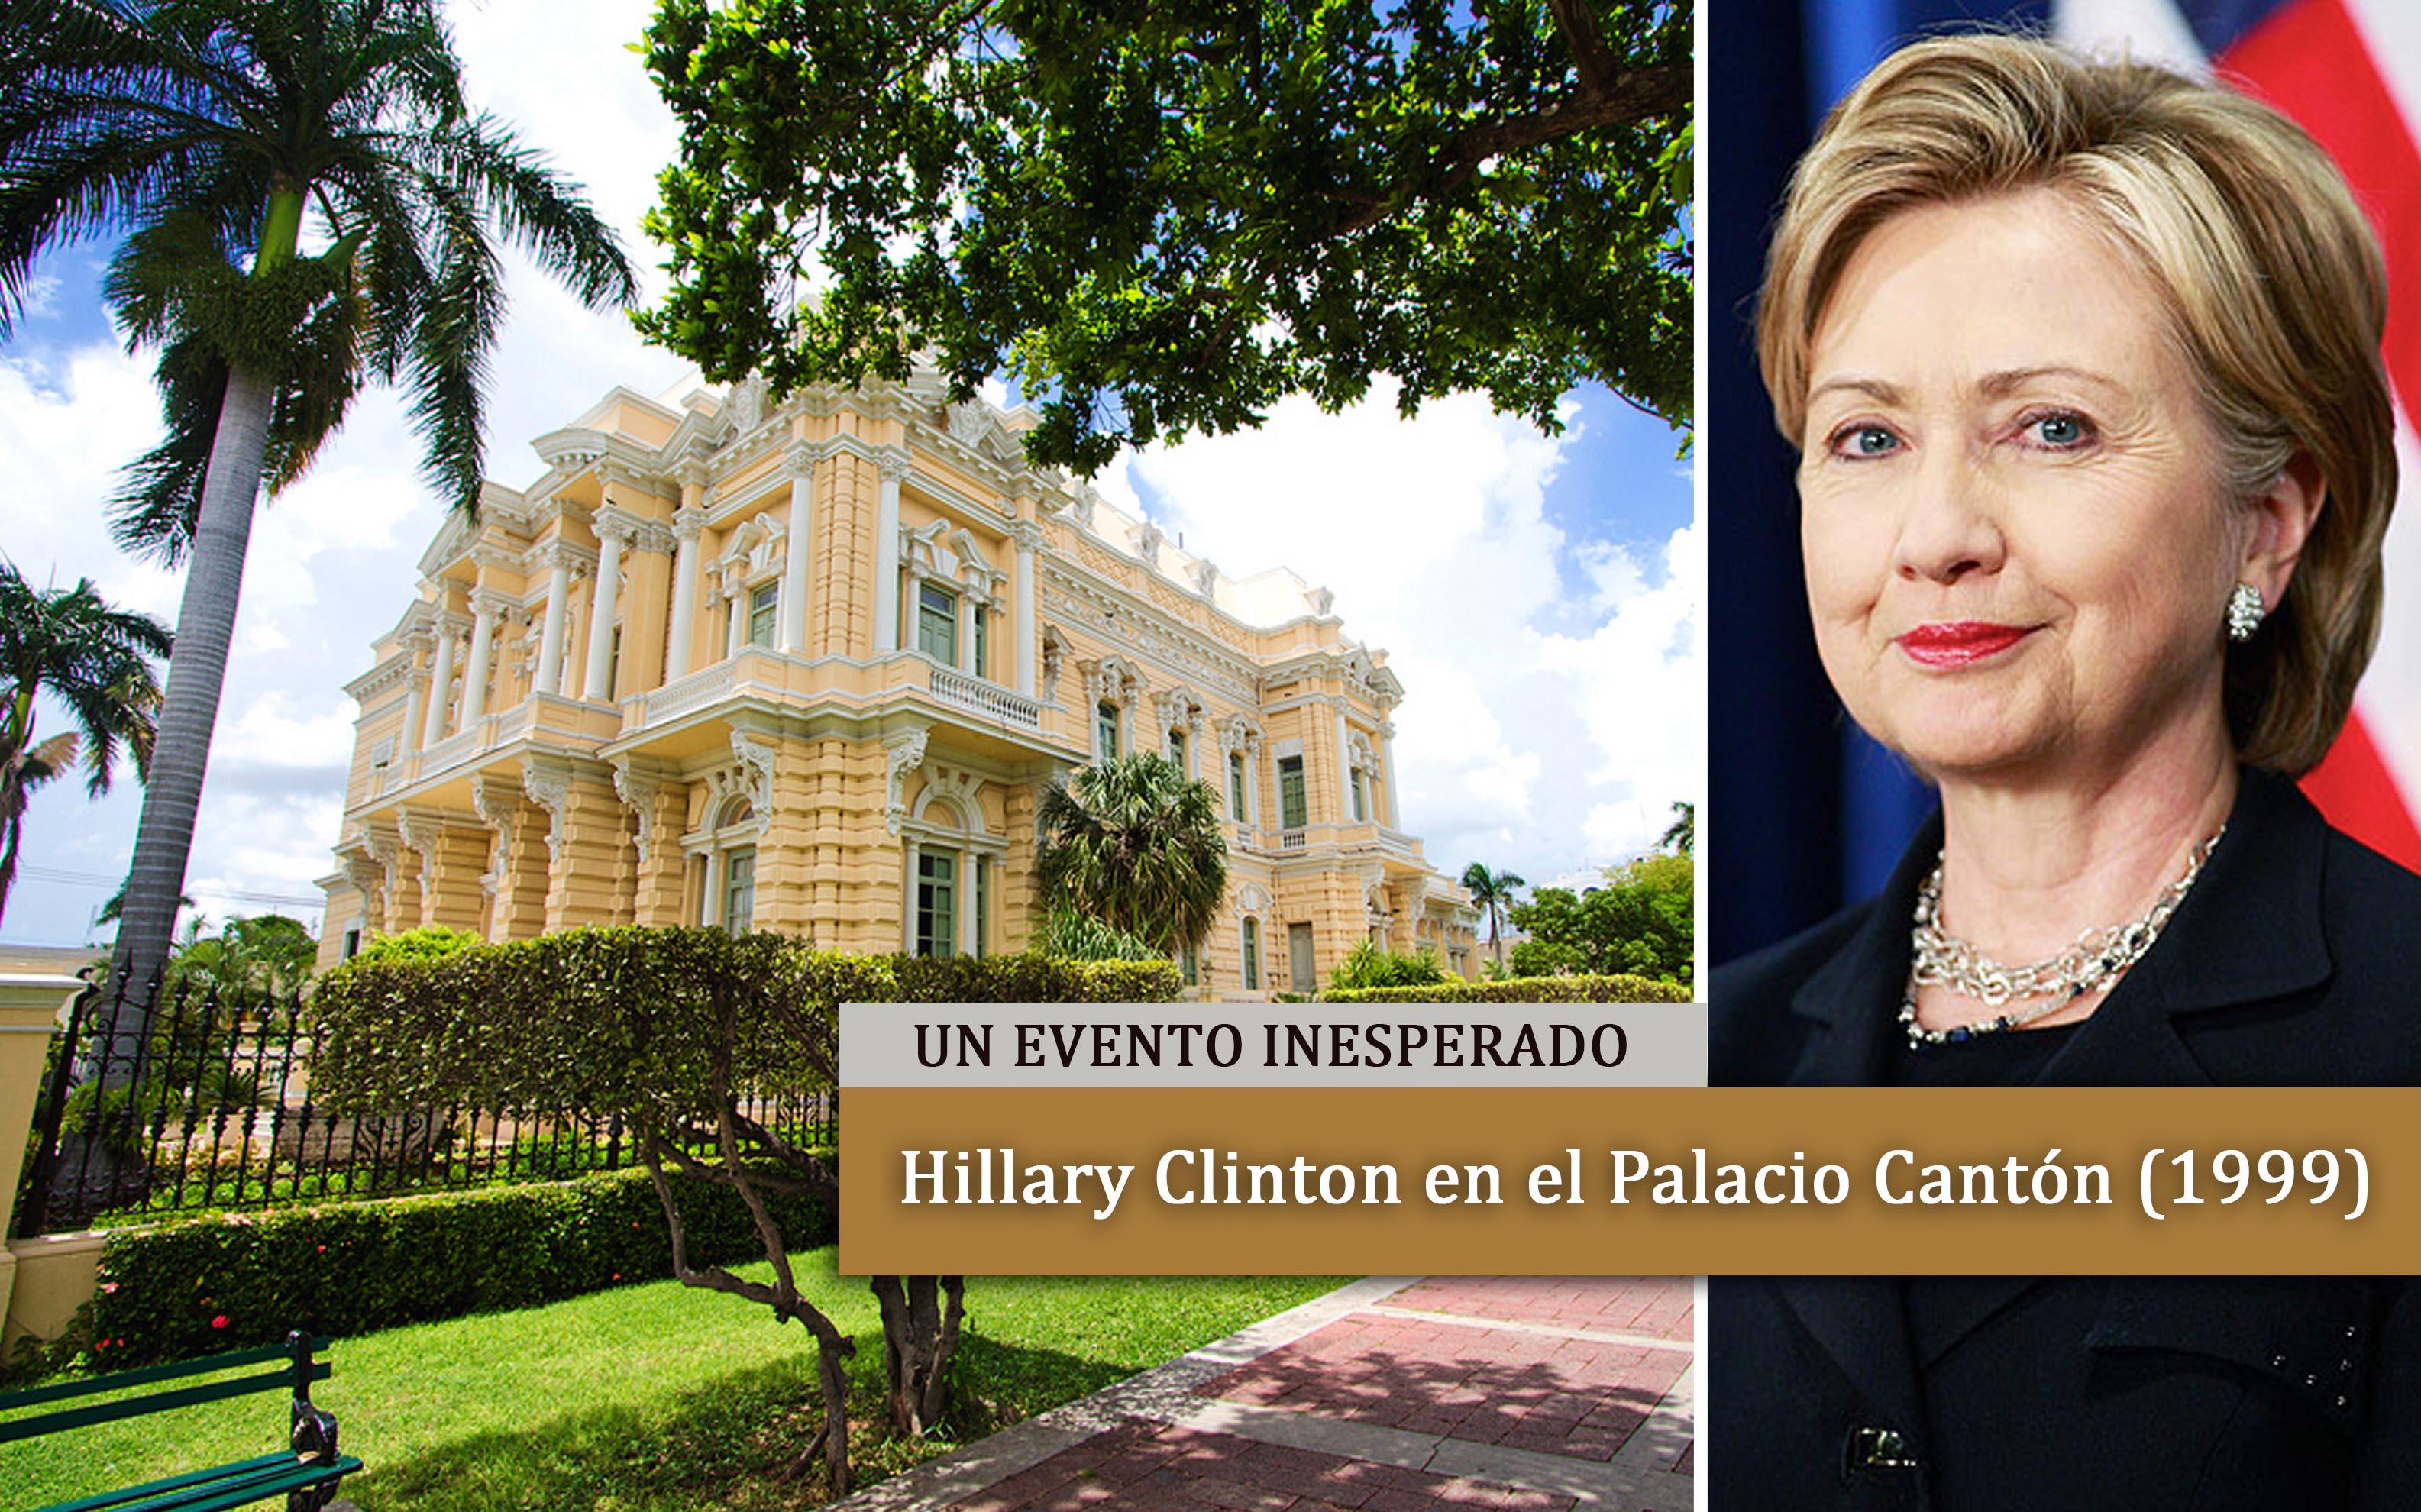 Hillary Clinton visitó el Palacio en 1999.